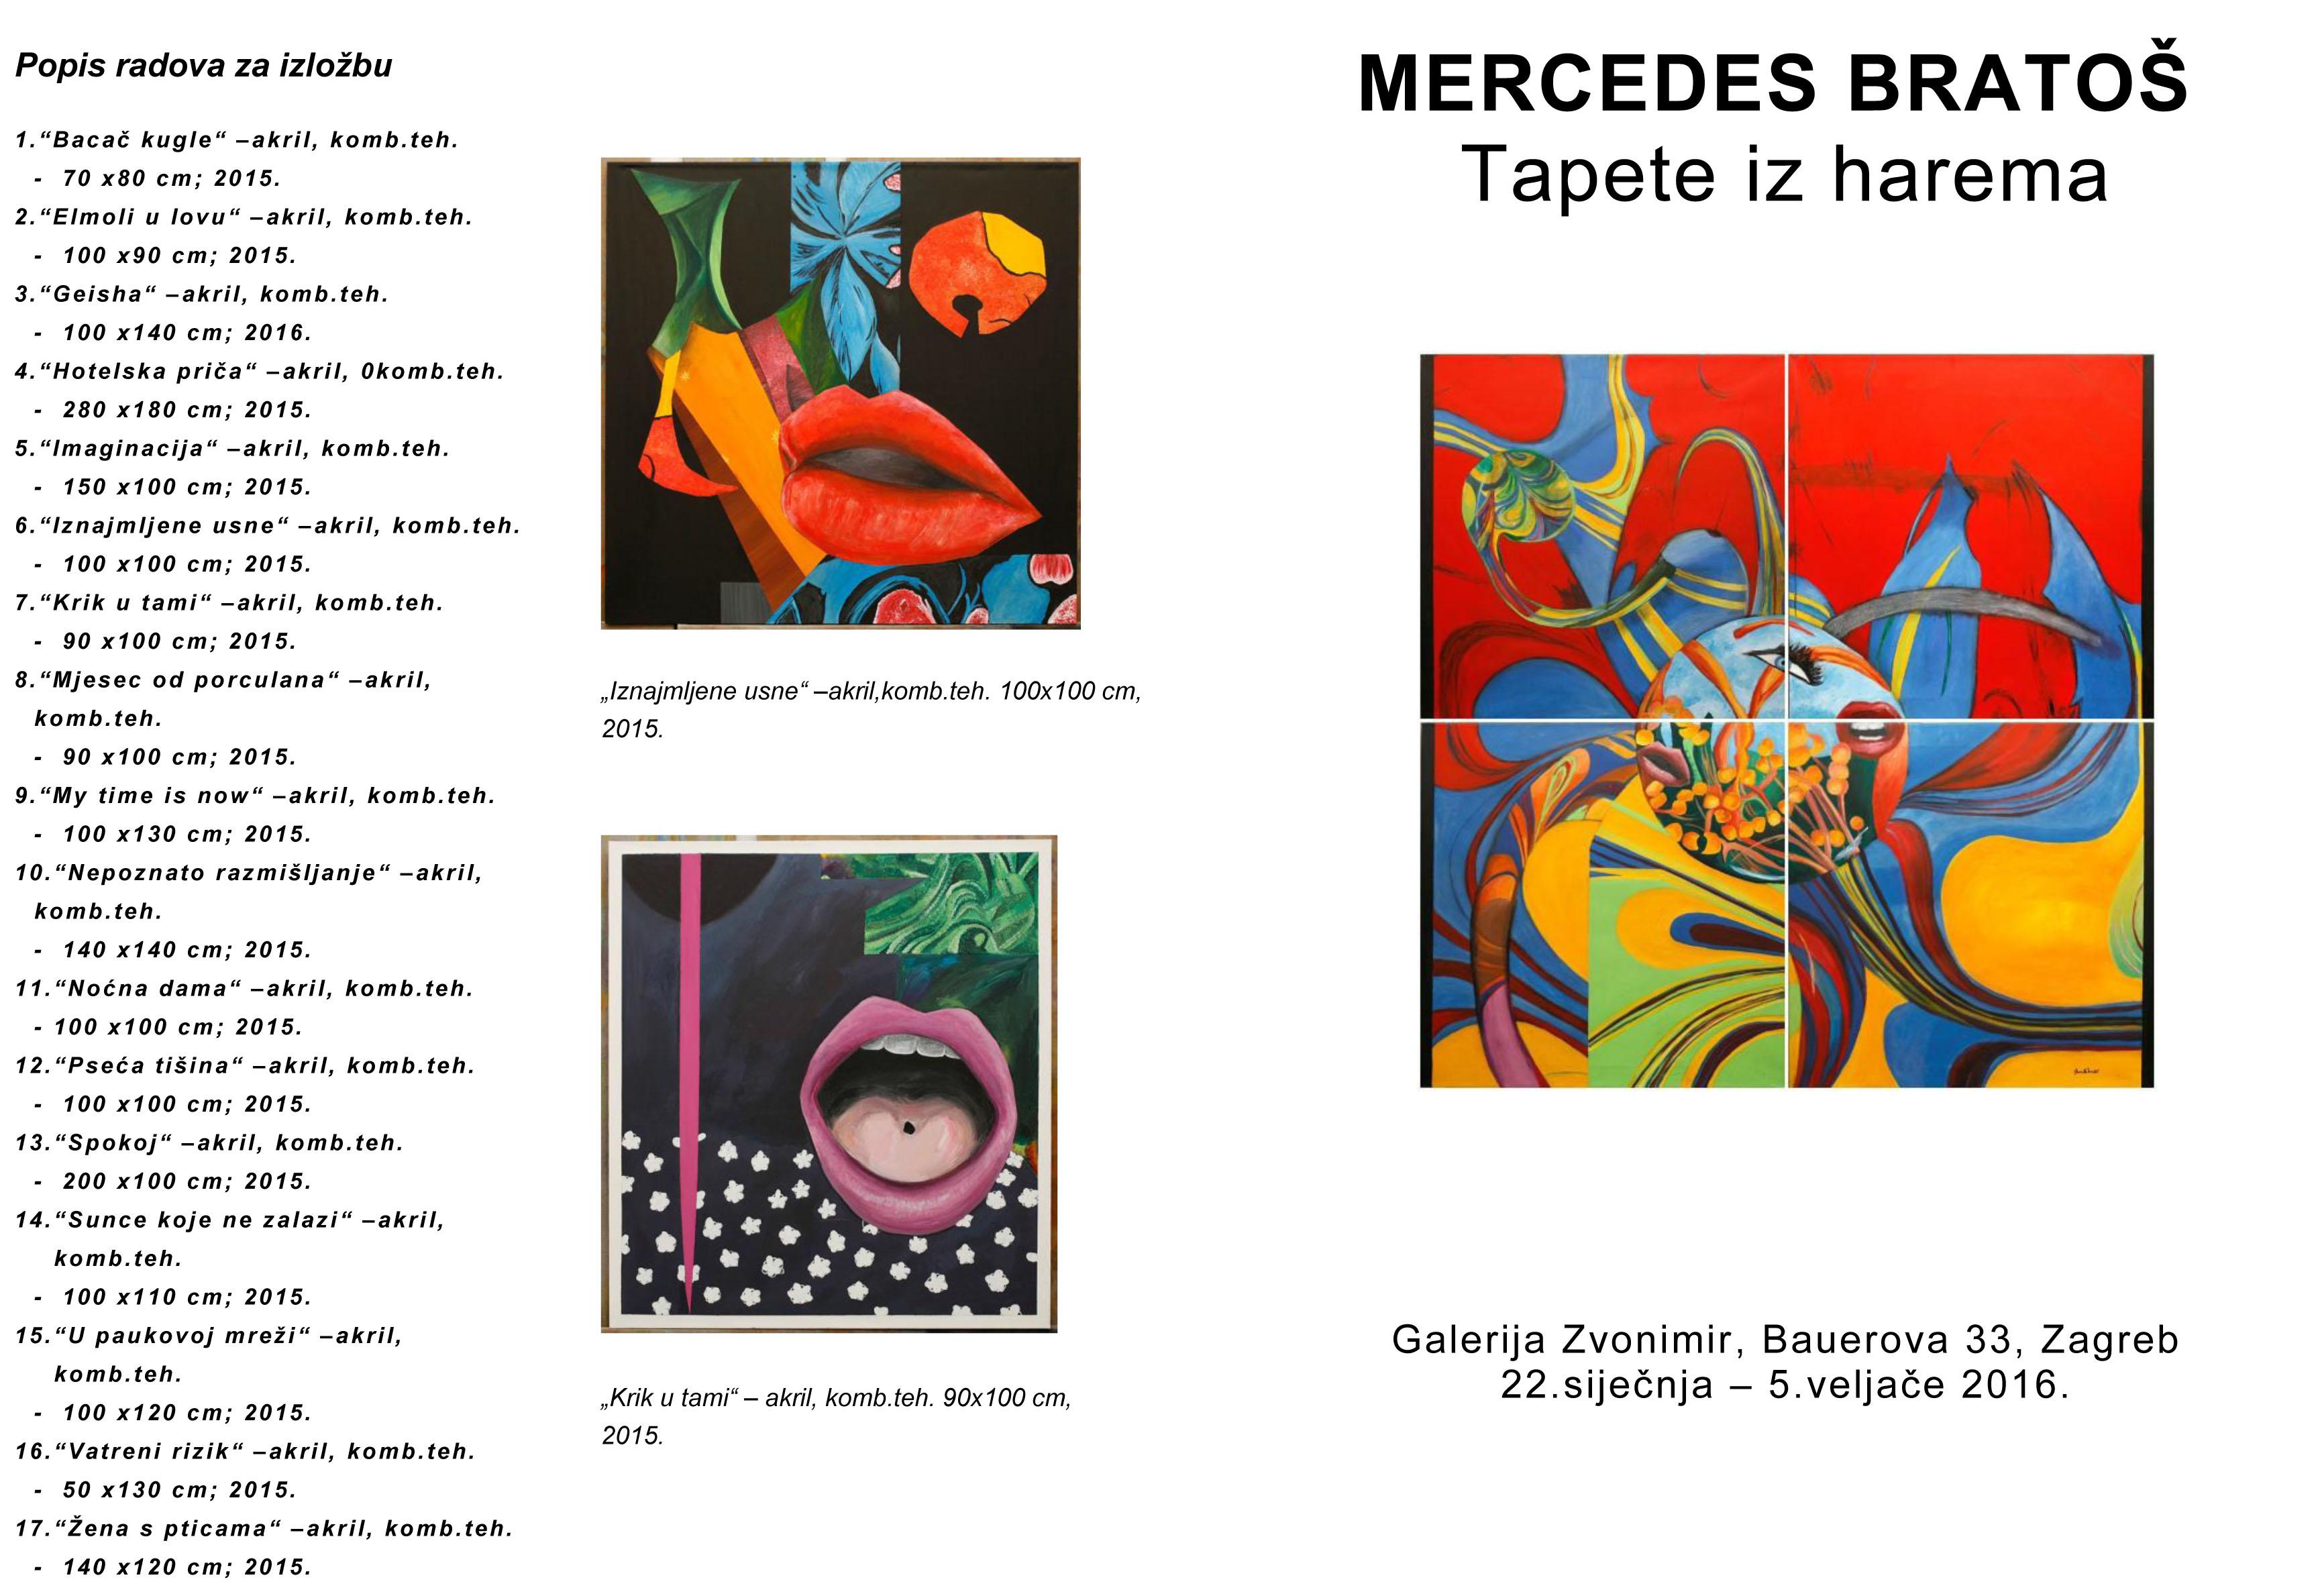 Mercedes Bratoš Tapete iz harema 1